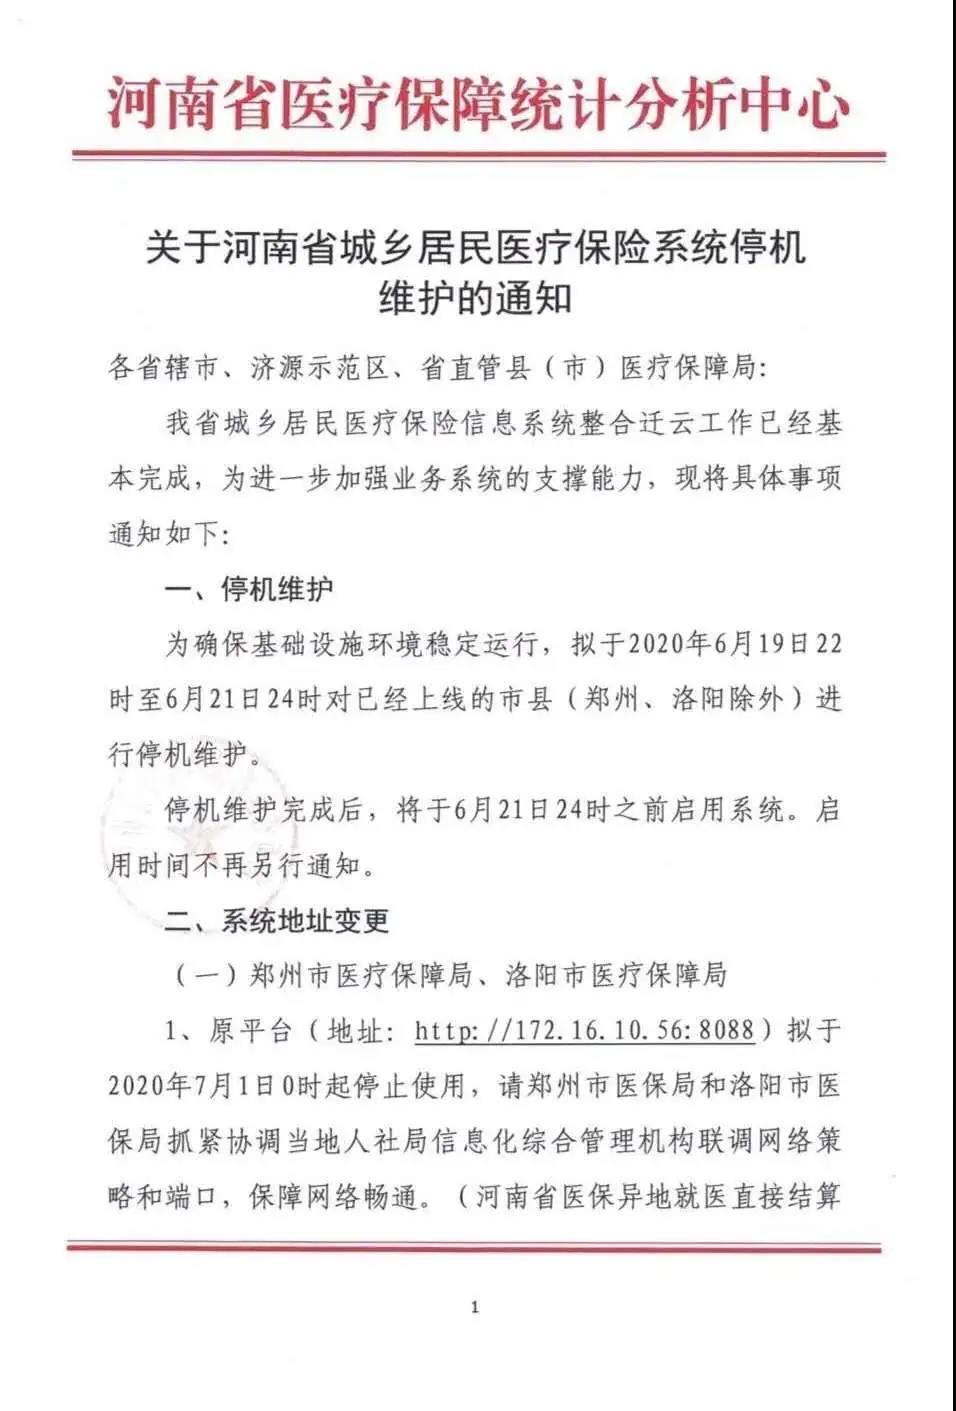 通知!河南省城乡医保系统停机维护 郑州、洛阳除外